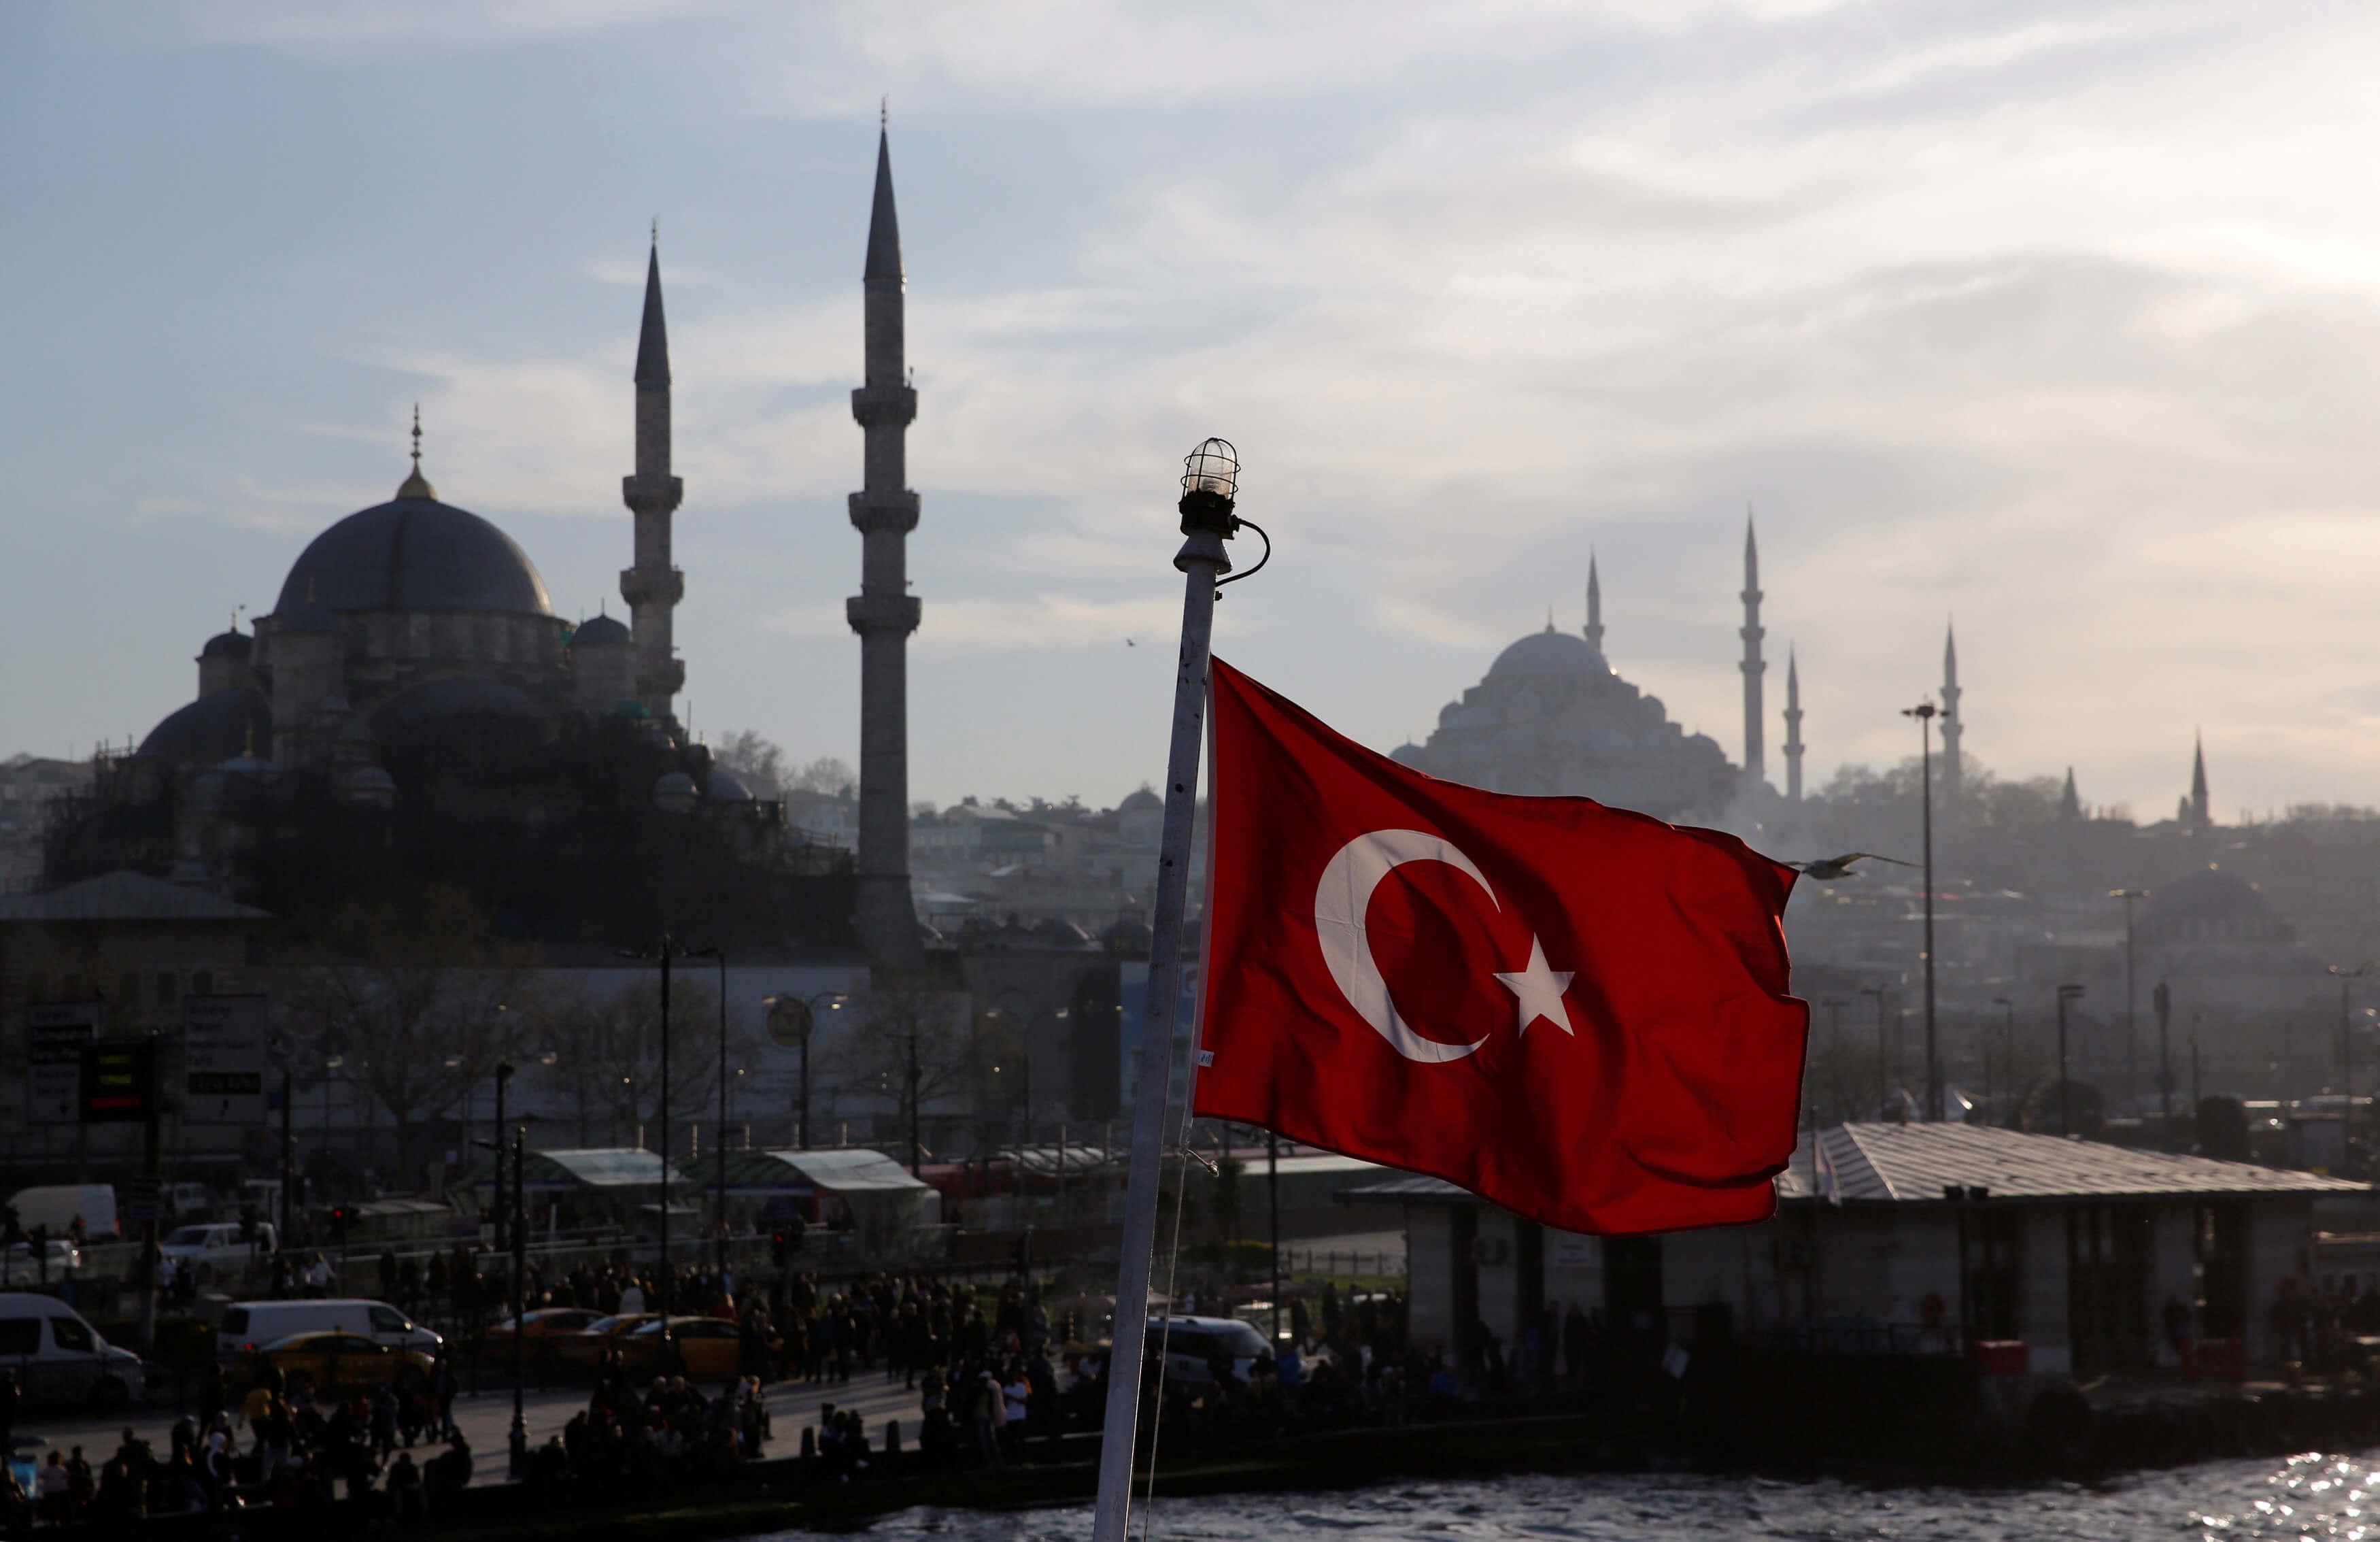 Πρωτοφανής πρόκληση των Τούρκων - Ζητούν αποστρατικοποίηση των νησιών του ανατολικού Αιγαίου